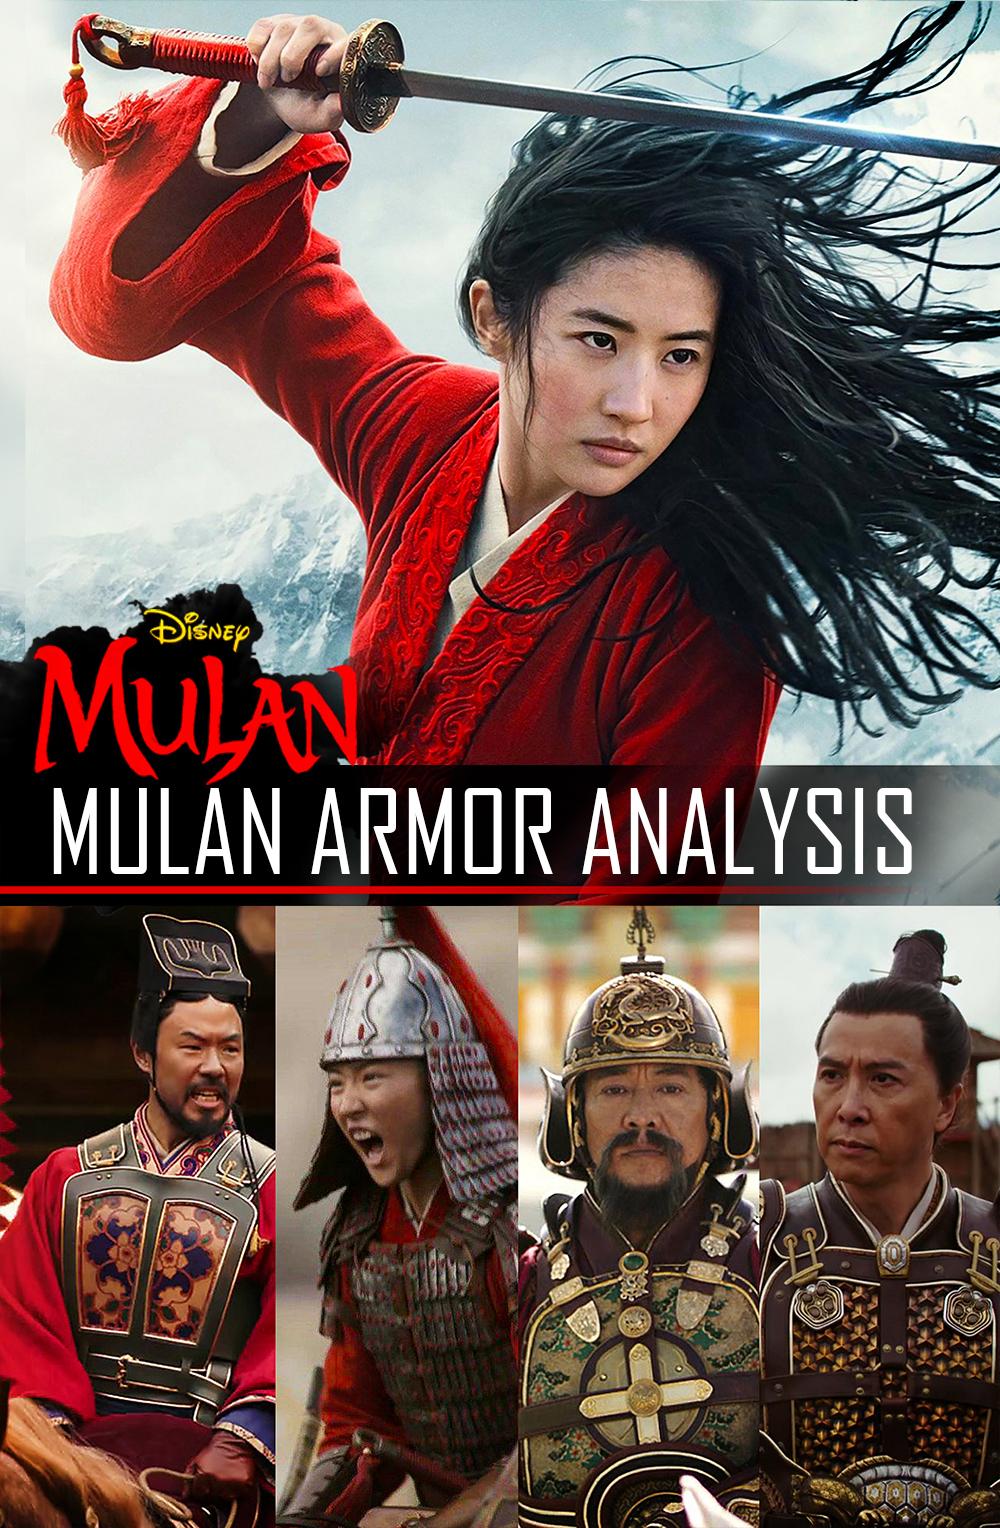 Mulan Armor Analysis 迪士尼 木兰盔甲分析